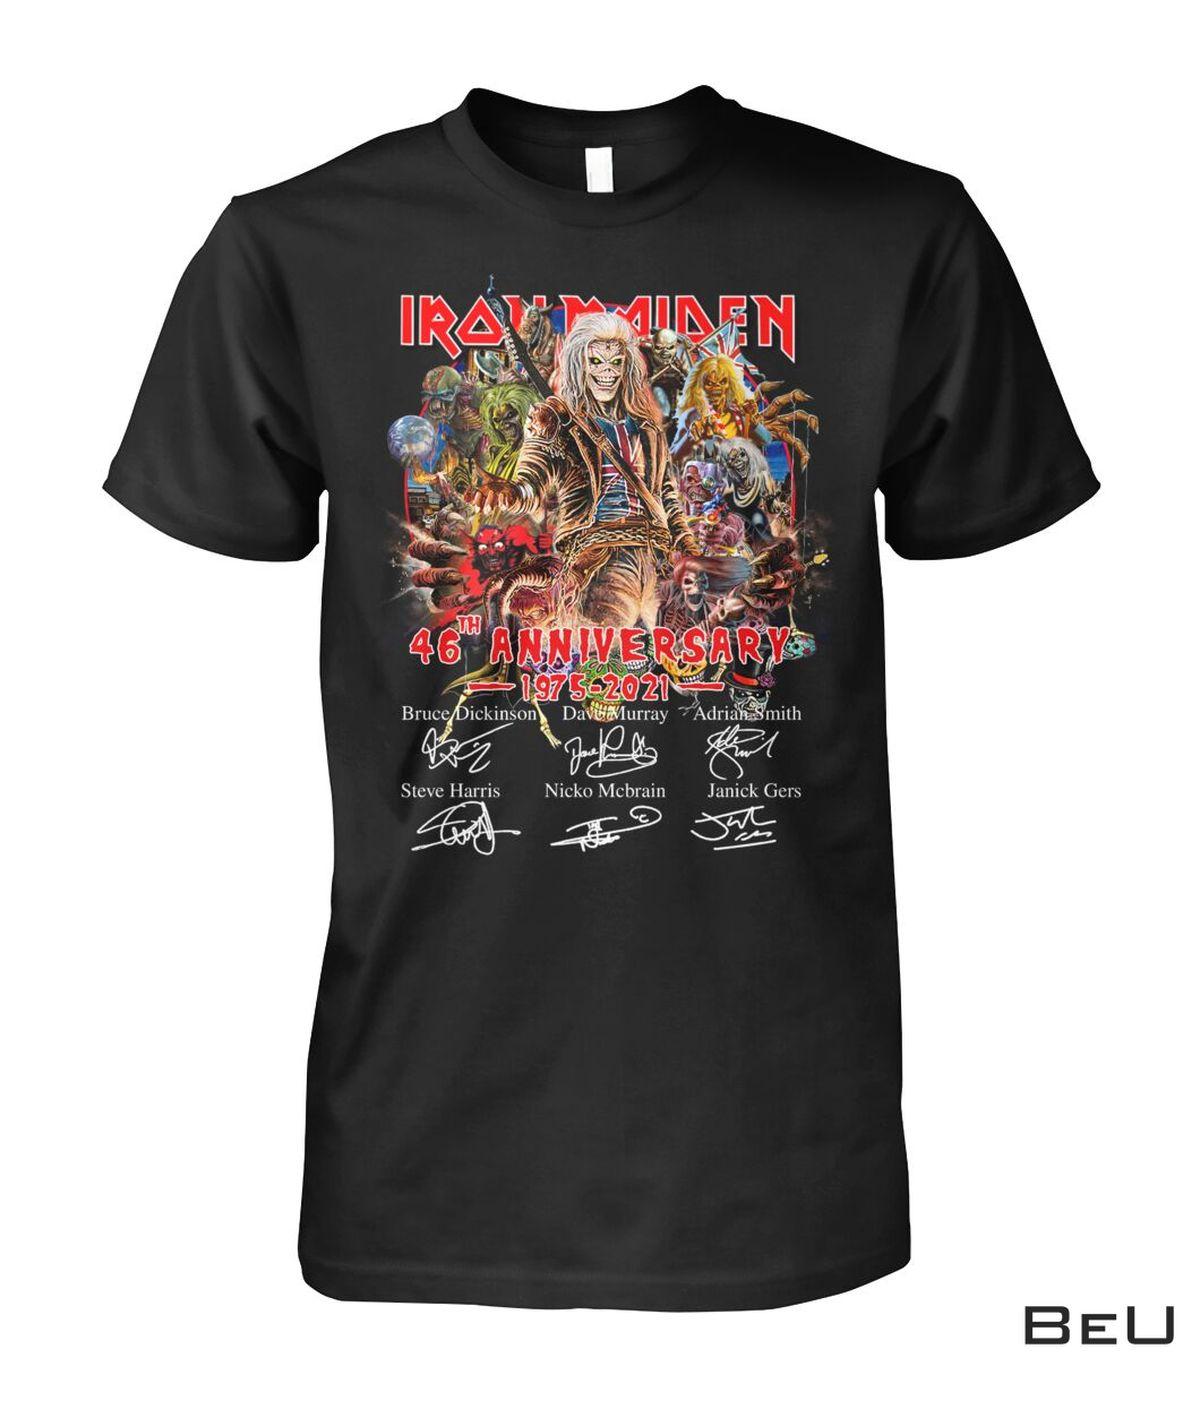 Iron Maiden 46th Anniversary 1975-2021 Shirt, hoodie, tank top